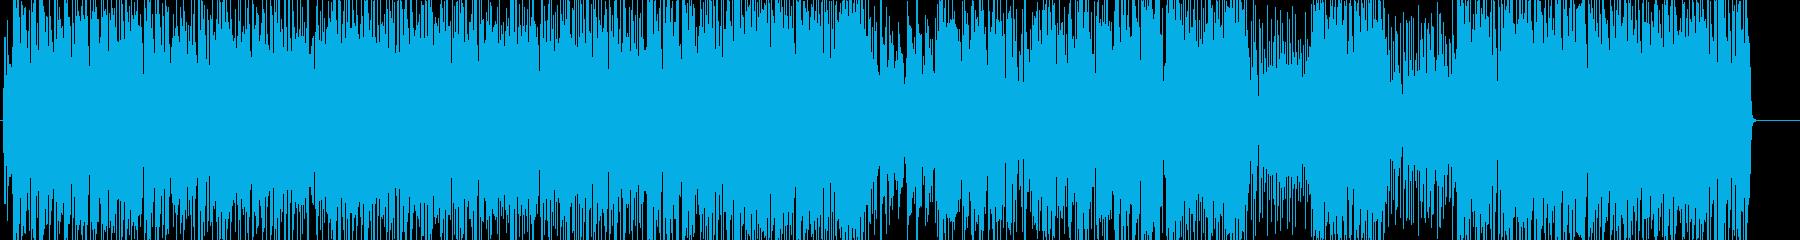 アルルの女のピアノトリオ(ラテン)の再生済みの波形